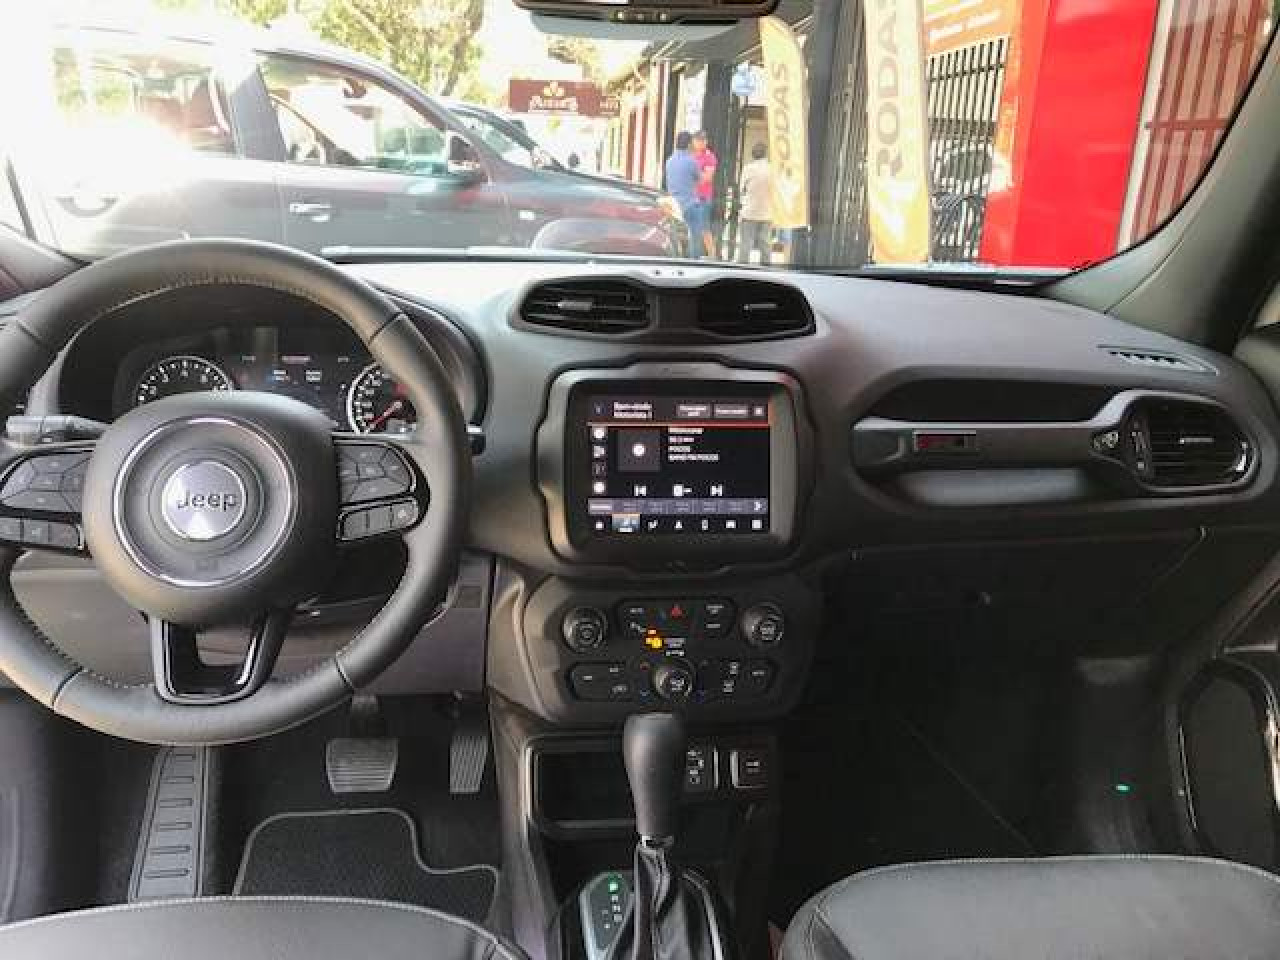 Renegade 1.8 16V 4P FLEX LONGITUDE AUTOMÁTICO